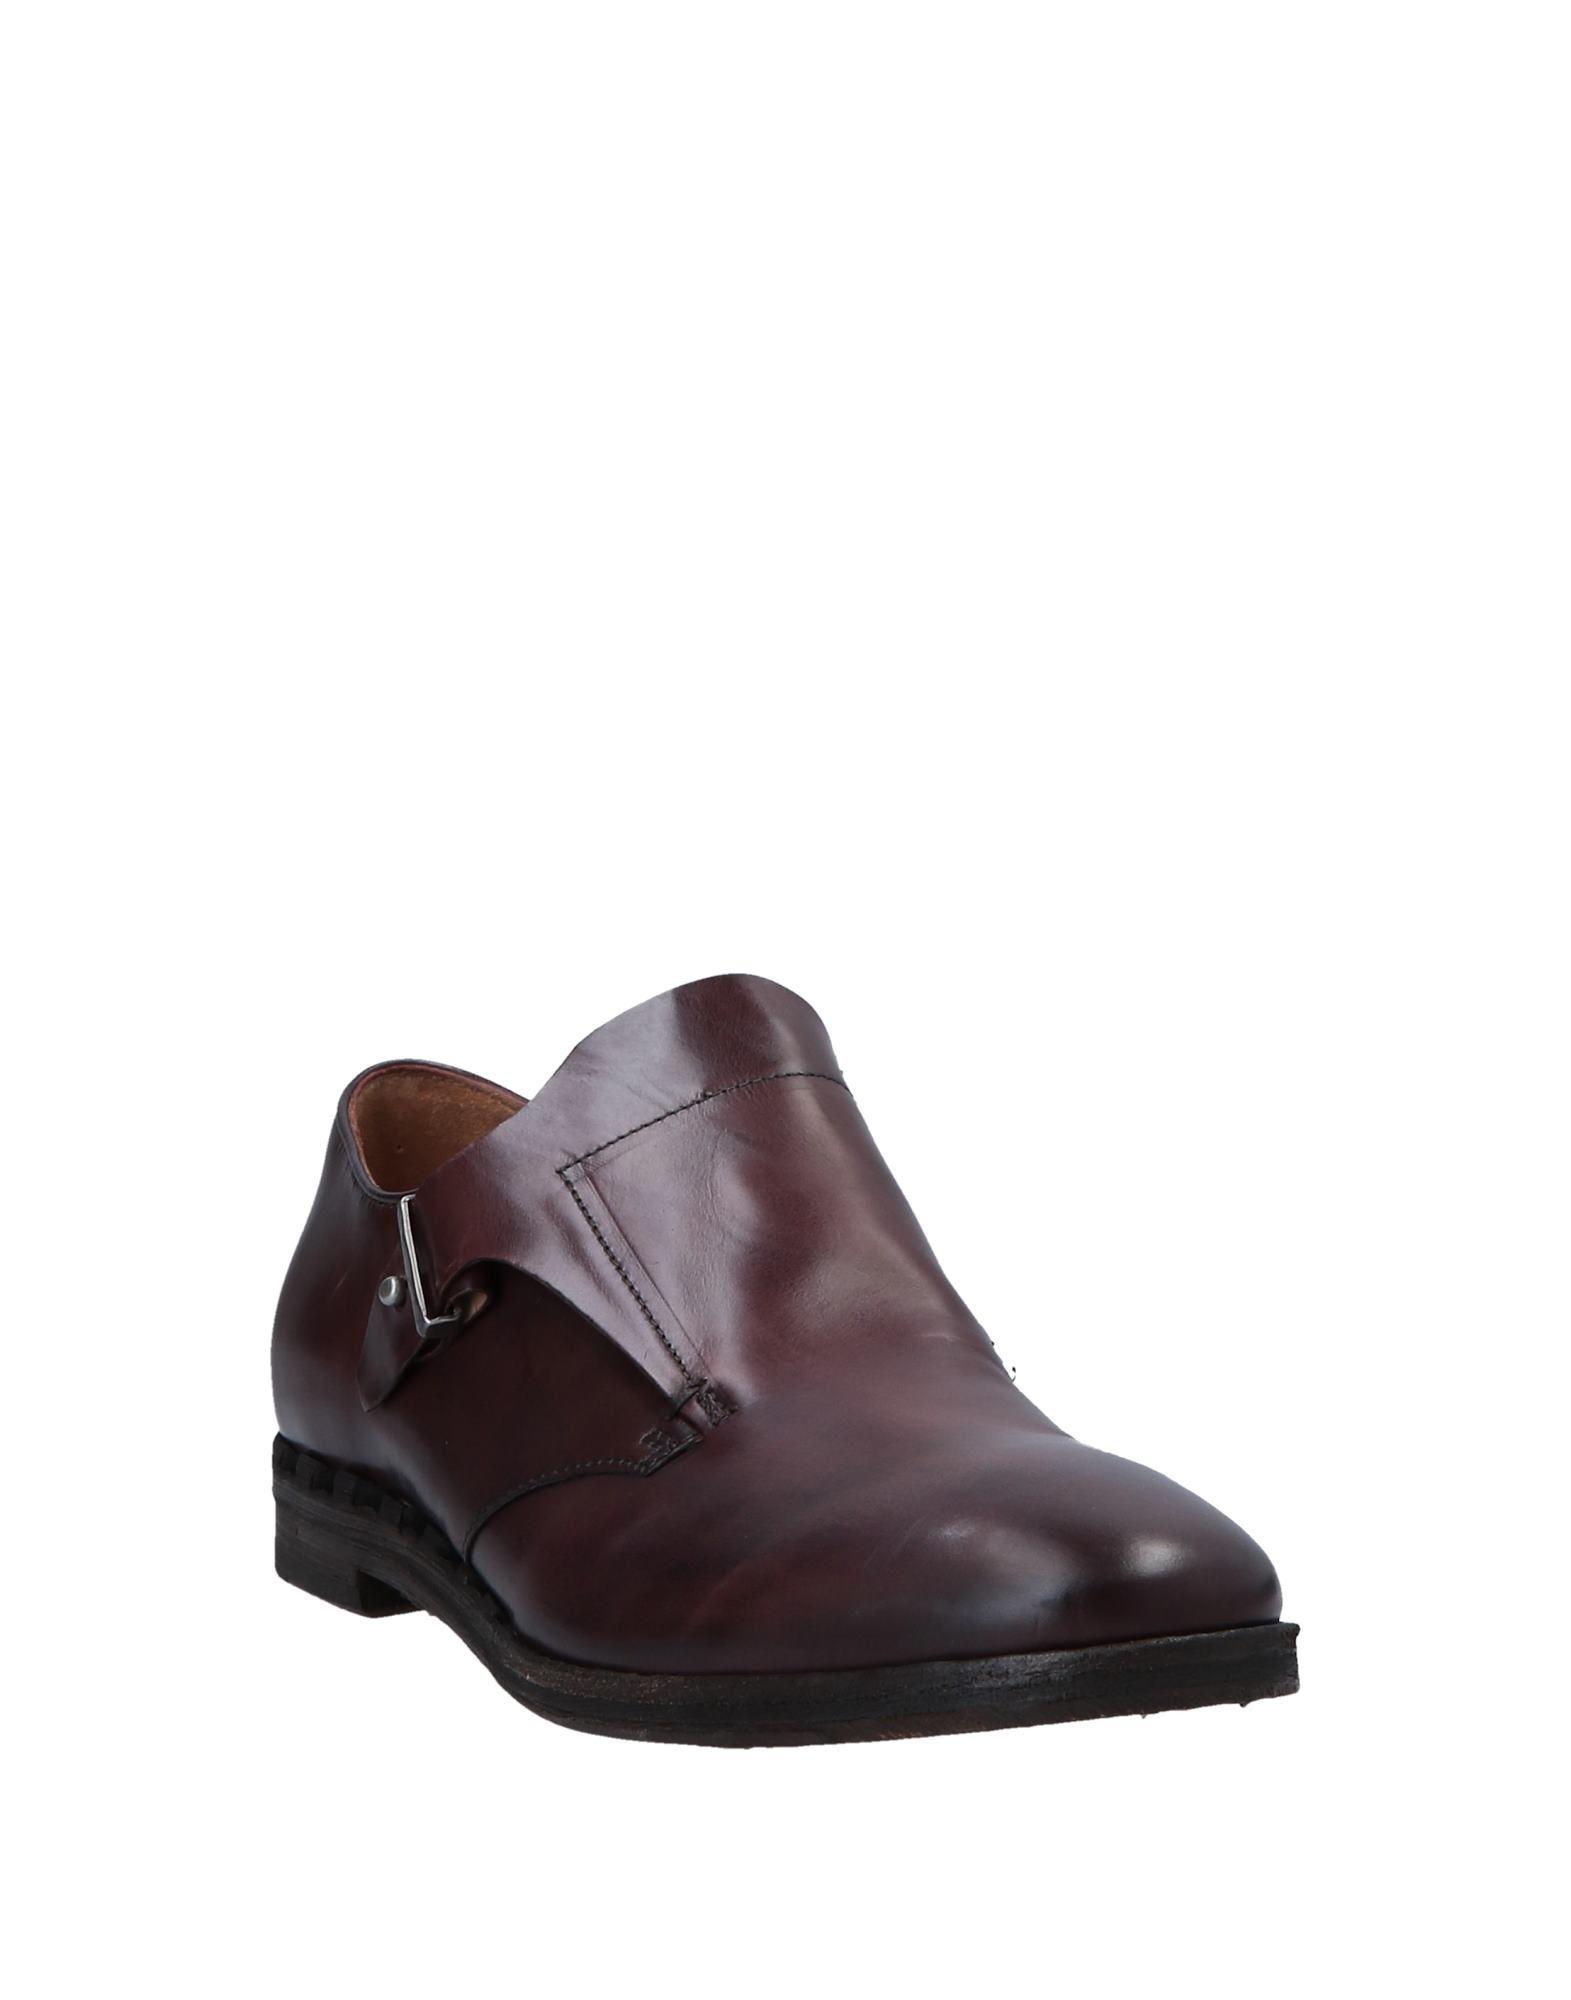 A.S. 98 Gute Mokassins Herren  11547217LW Gute 98 Qualität beliebte Schuhe 5a541a